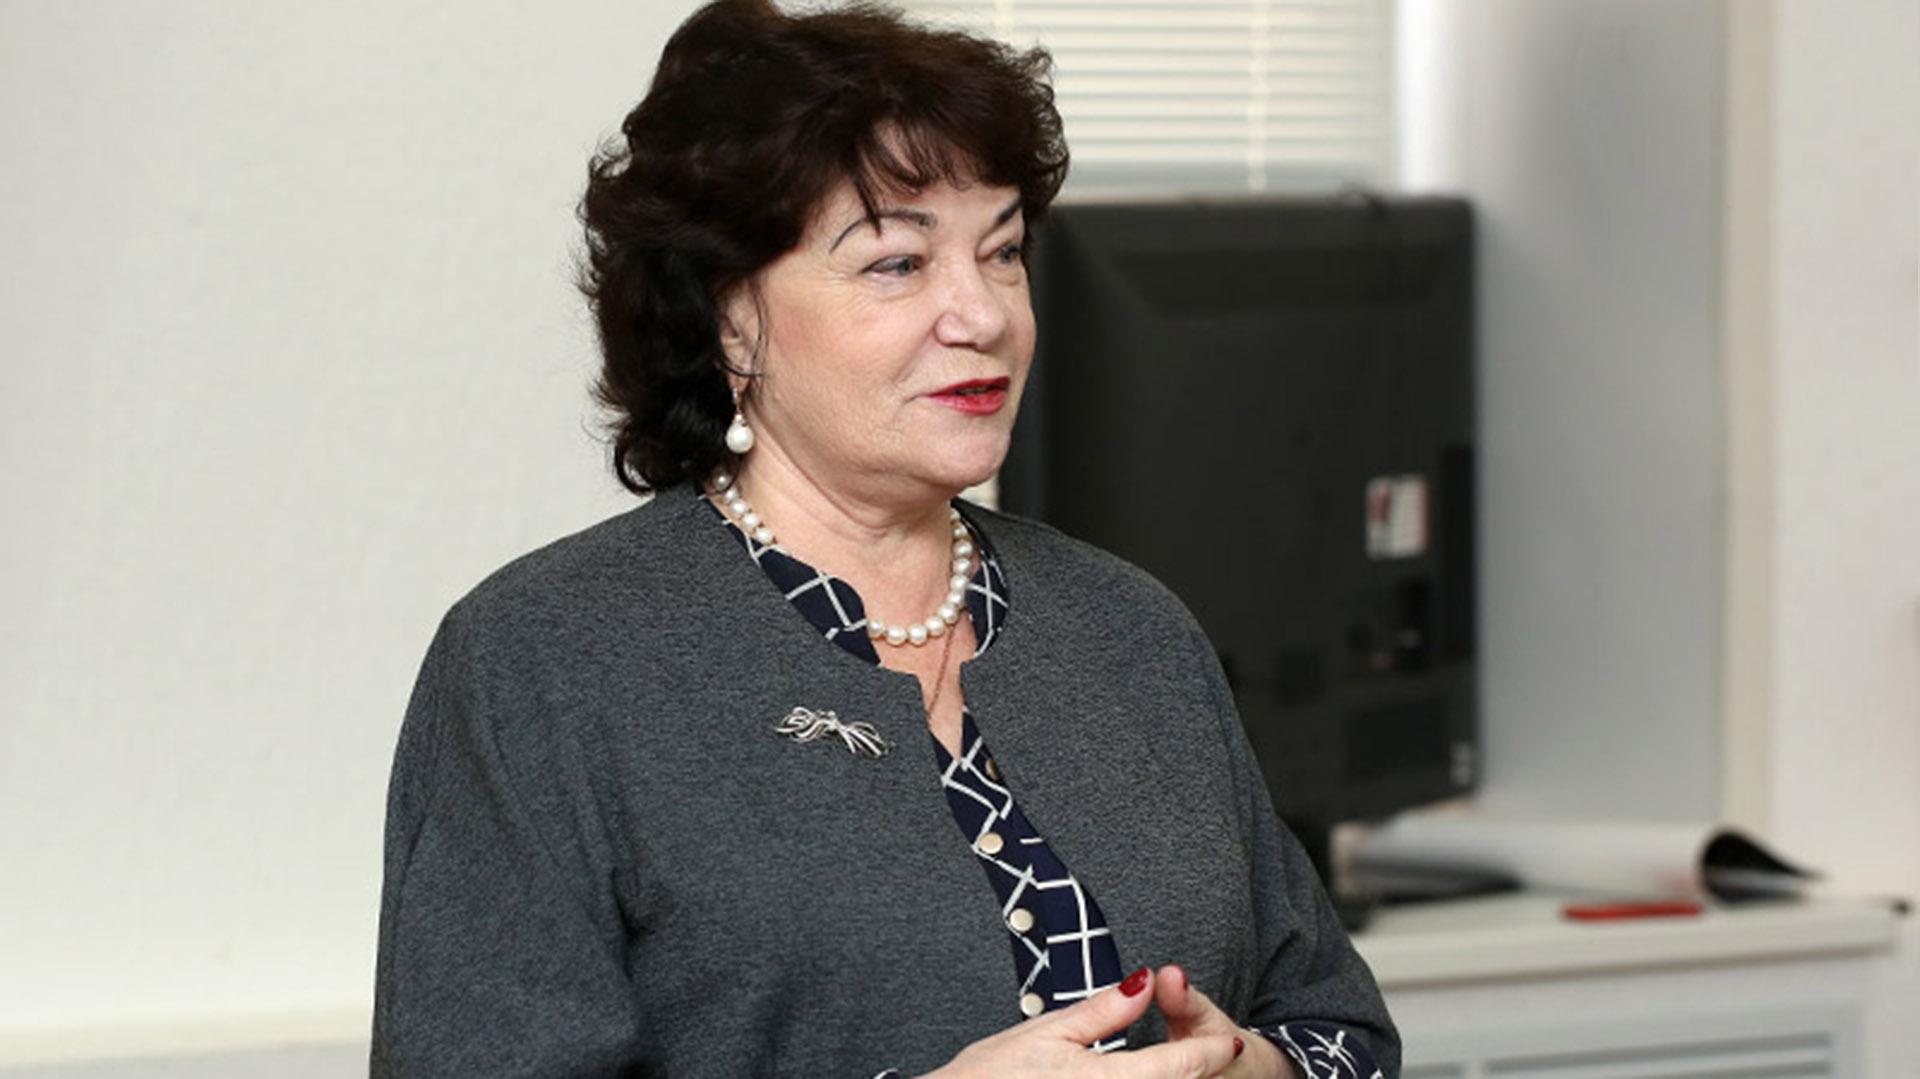 Tamara Pletneva, presidenta de la comisión de Familia de la Duma y miembro del Partido Comunista